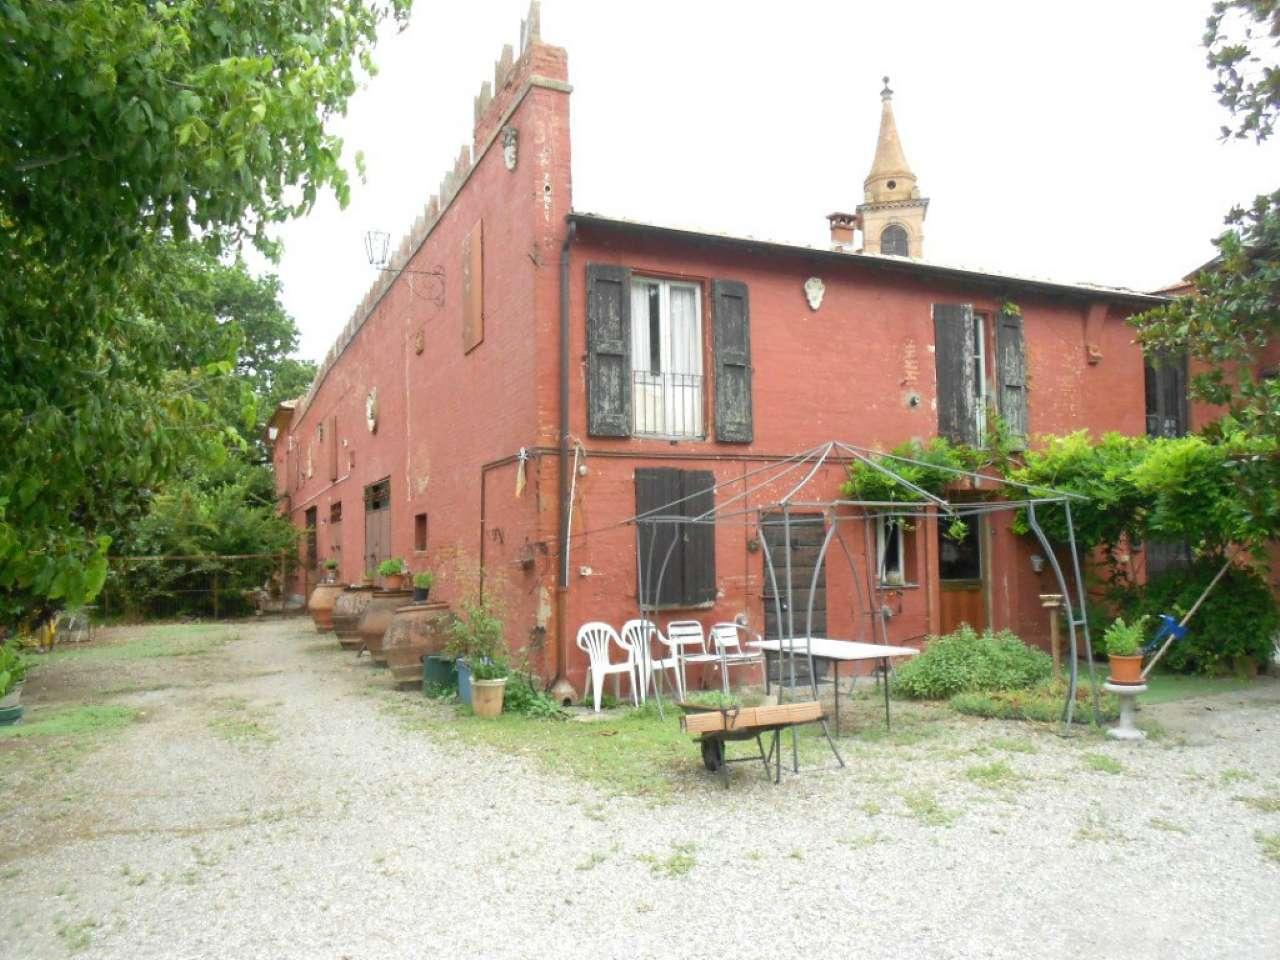 Rustico / Casale in vendita a Sala Bolognese, 10 locali, prezzo € 600.000 | CambioCasa.it